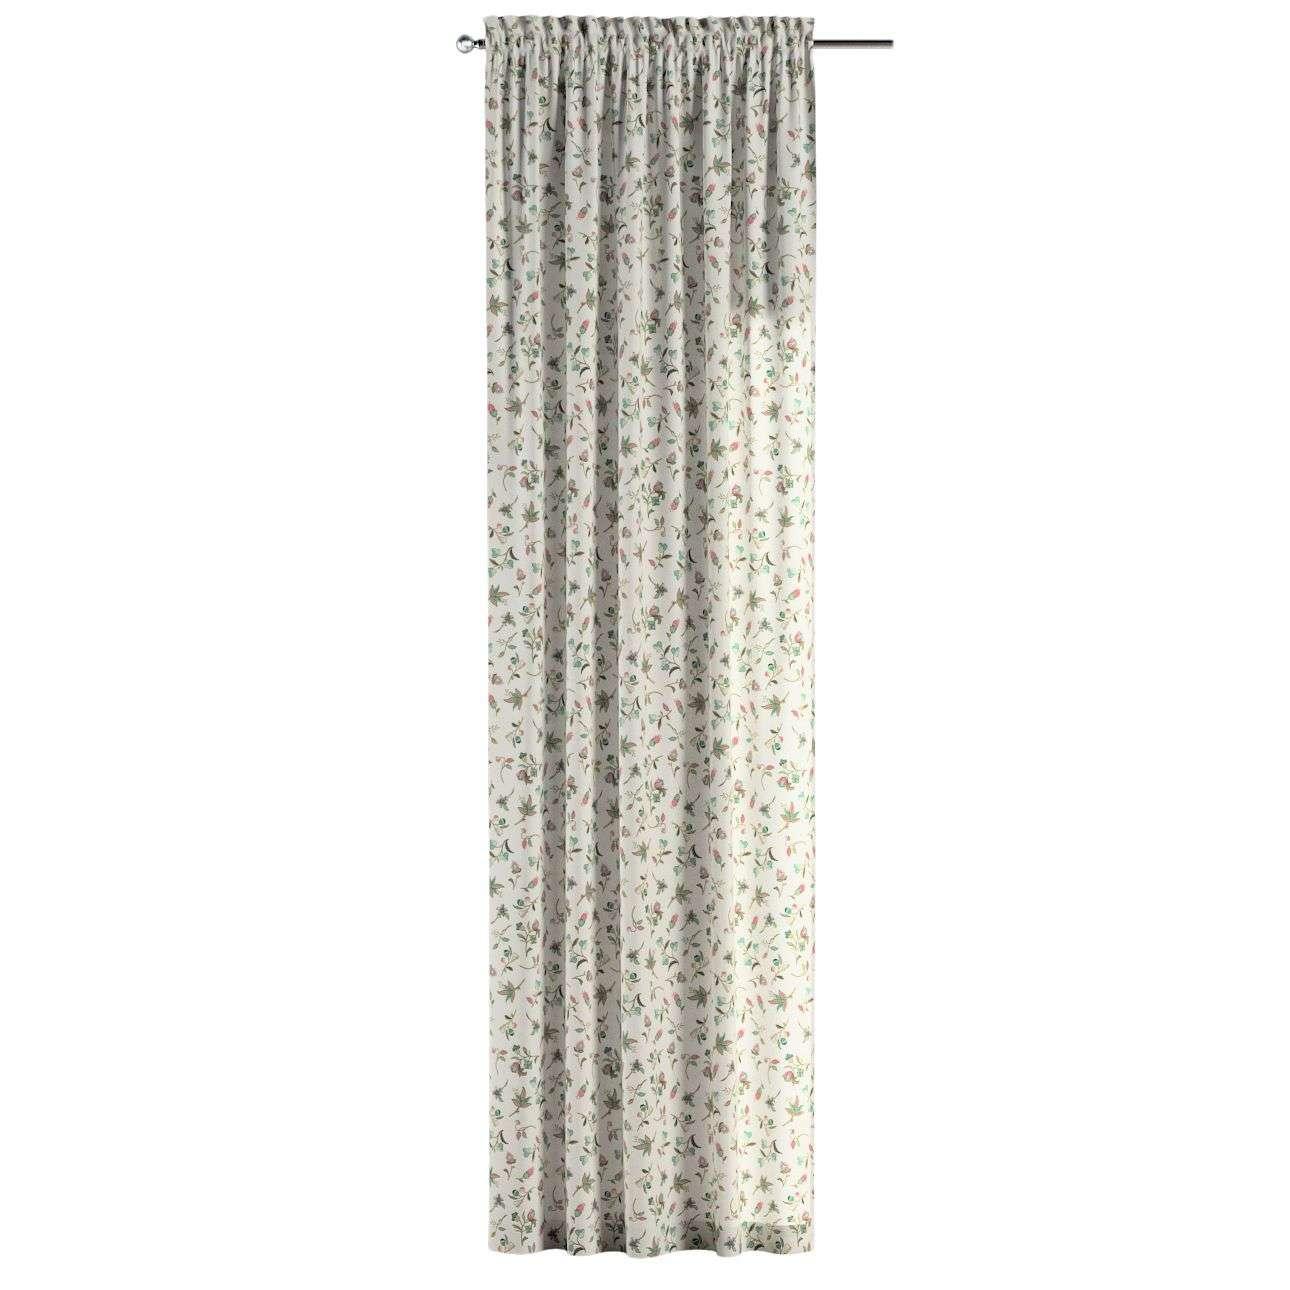 Gardin med kanal - Multiband 1 längd 130 x 260 cm i kollektionen Londres, Tyg: 122-02